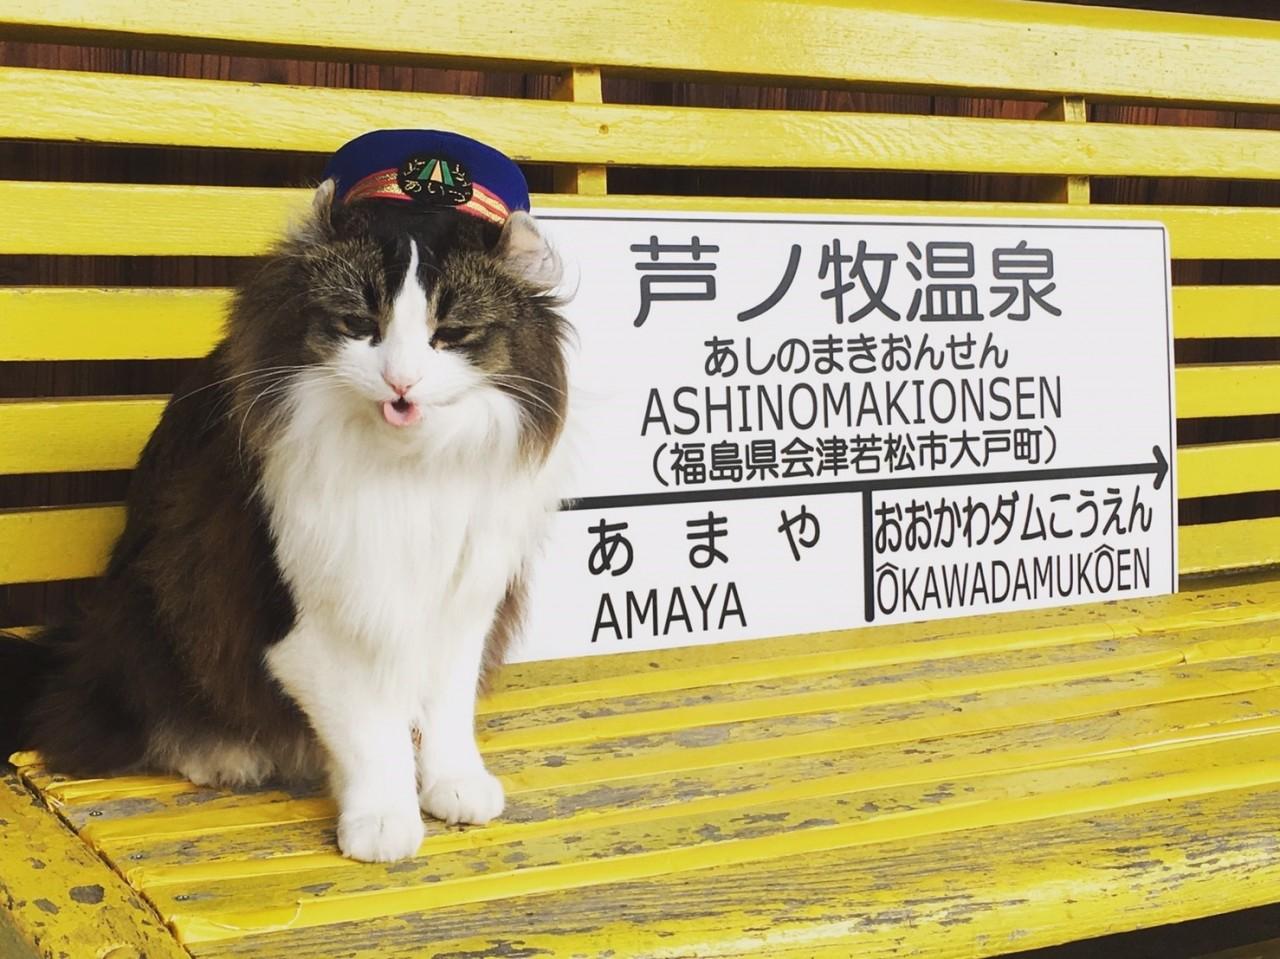 [โทจิกิ&ฟุคุชิม่า] รีวิวที่เที่ยว กิน นอน บล็อกเดียวจบ!